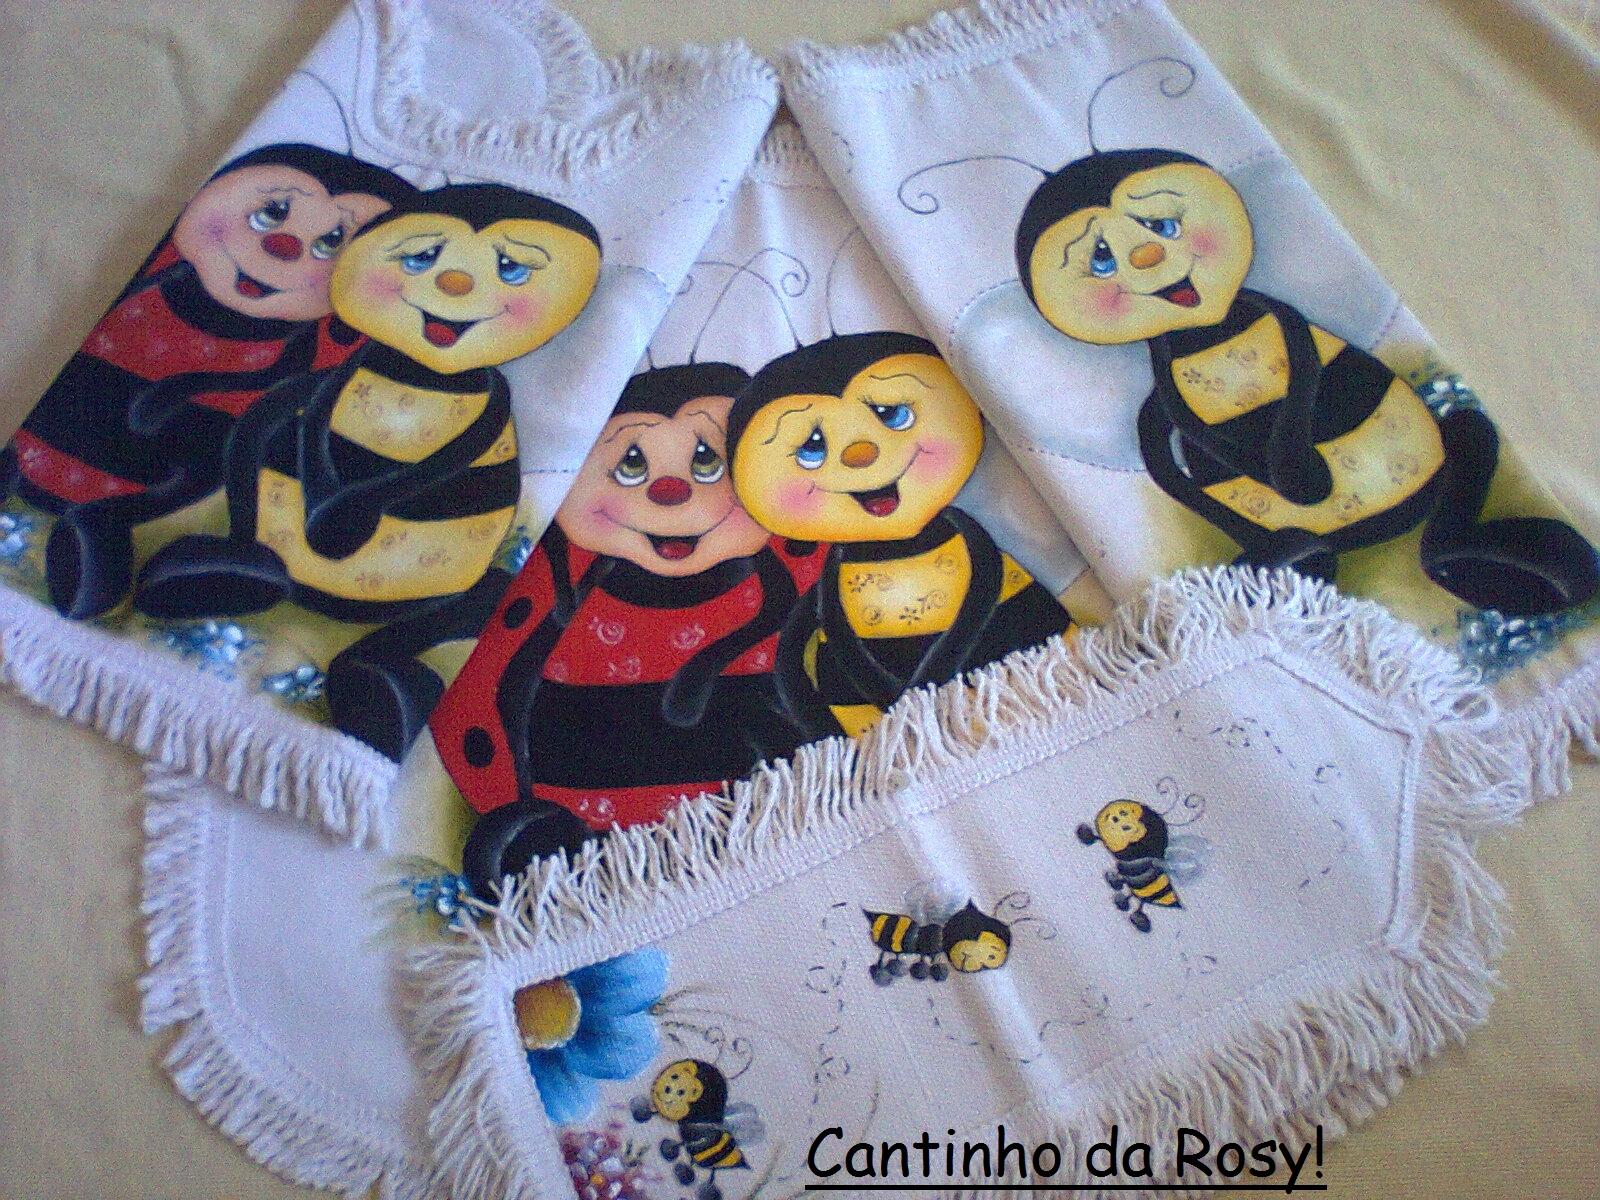 Cantinho da Rosyane: Conjunto de banheiro! .(pintura em tecido)♥ #9A7A31 1600 1200